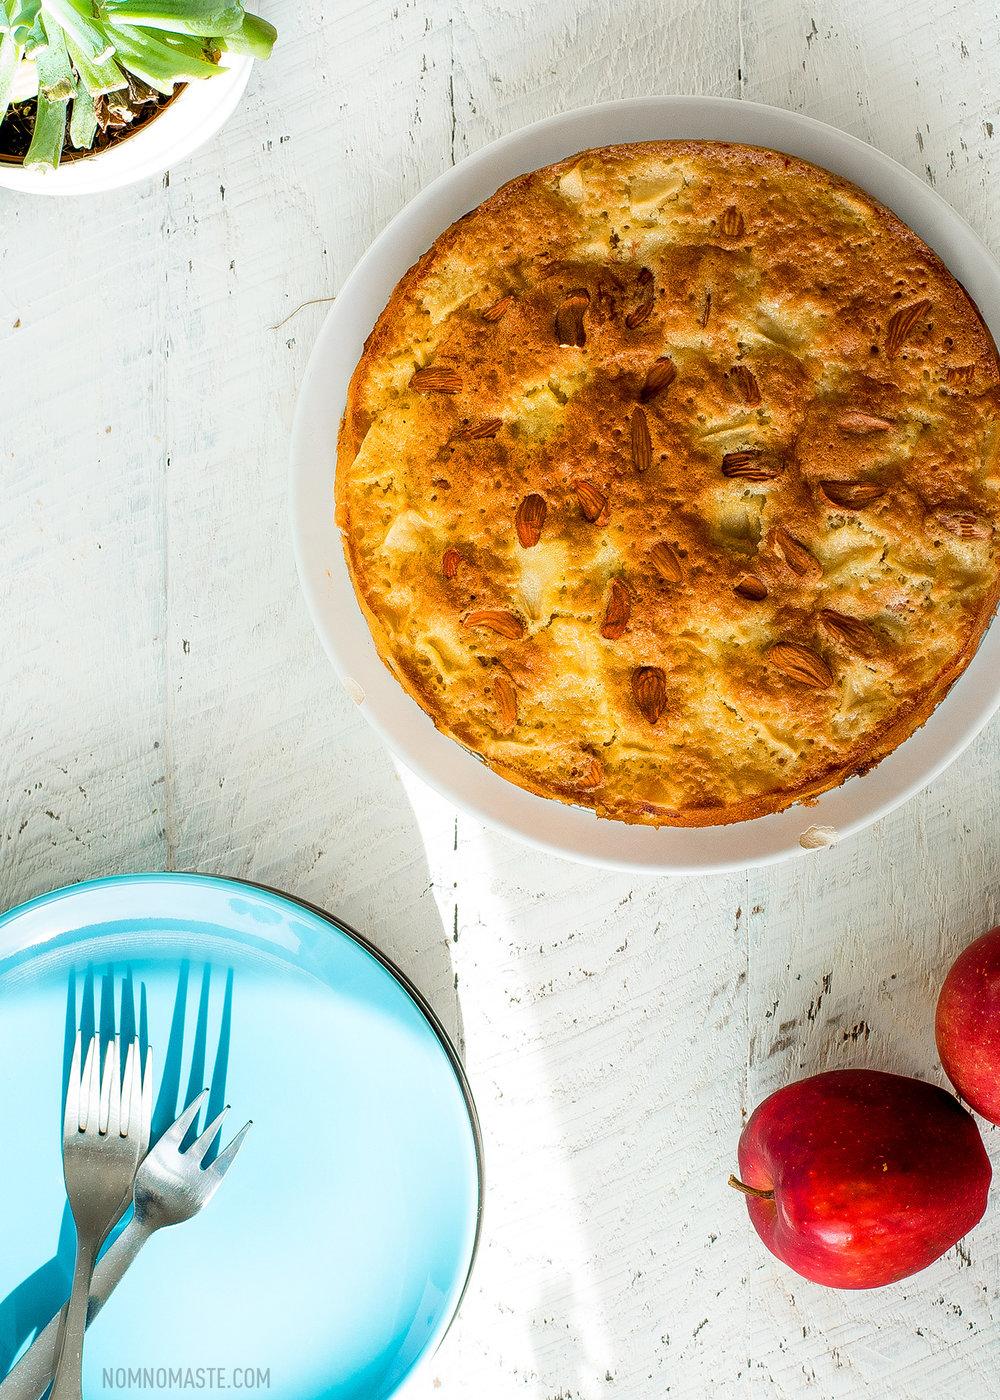 French-Cardamom-Apple-Cake_NomNomaste_1.jpg